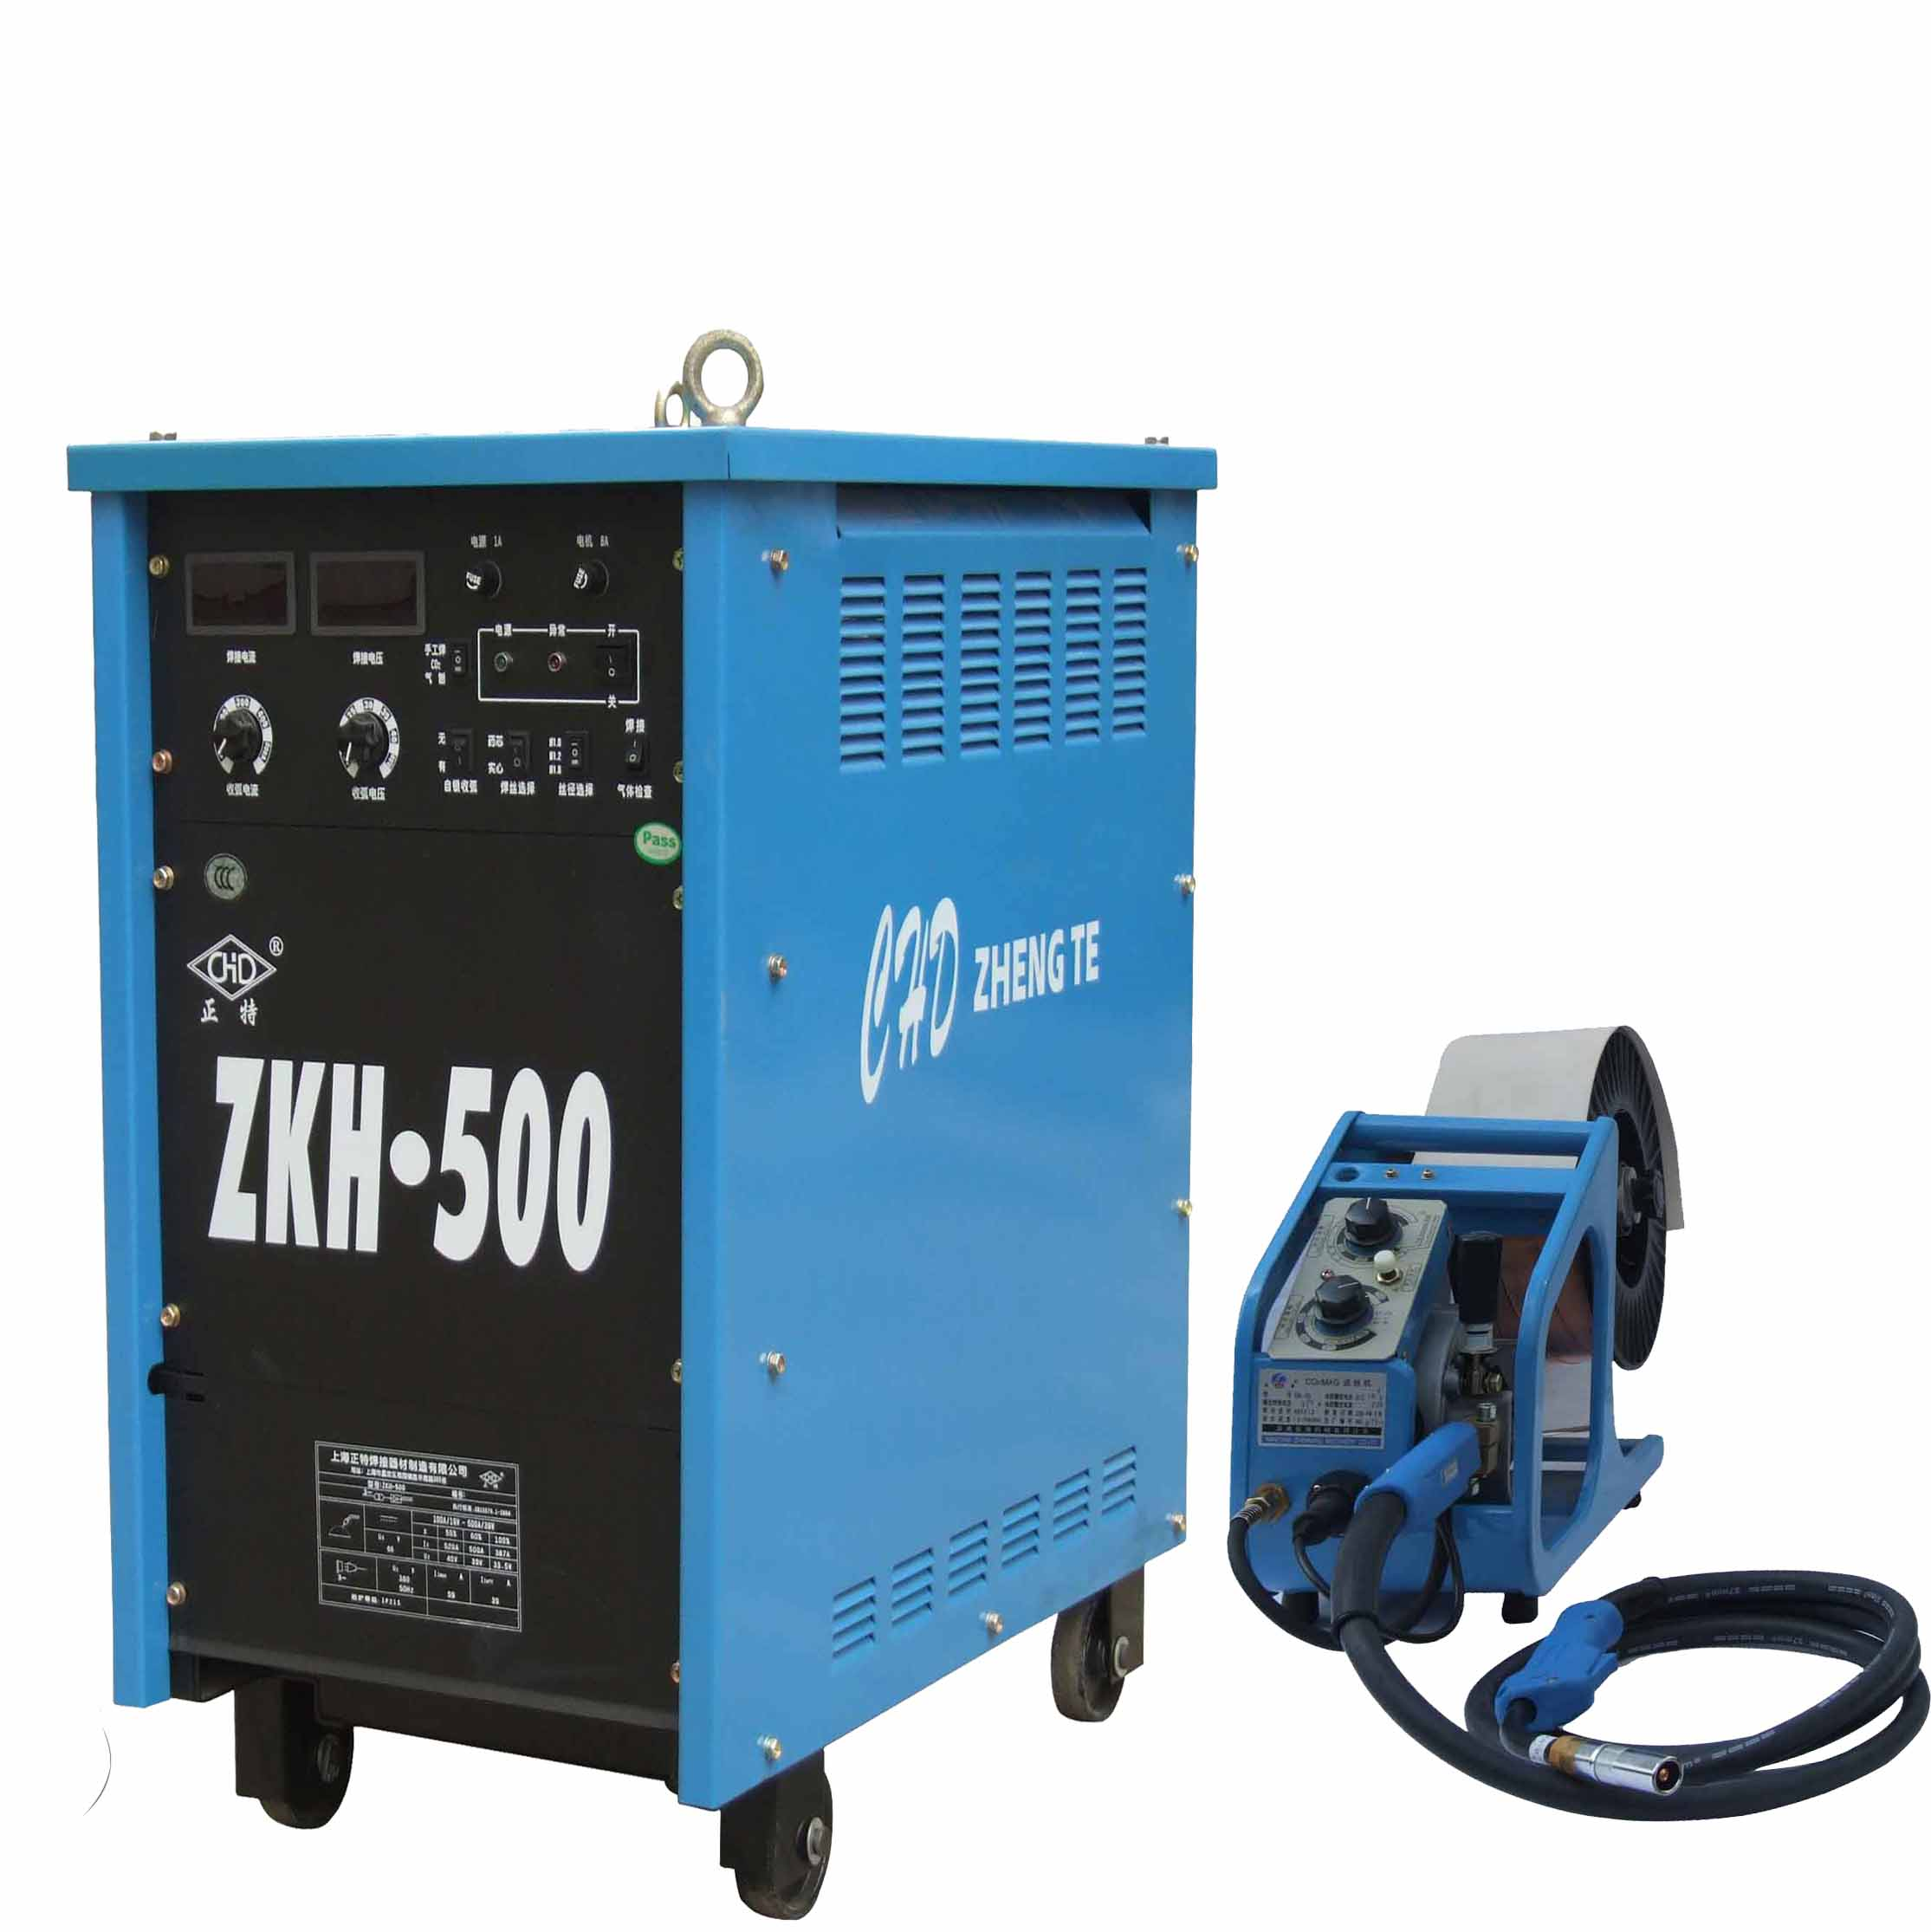 ZKH系列晶�l管控制CO2/手工焊/�馀俸付喙δ芎�C